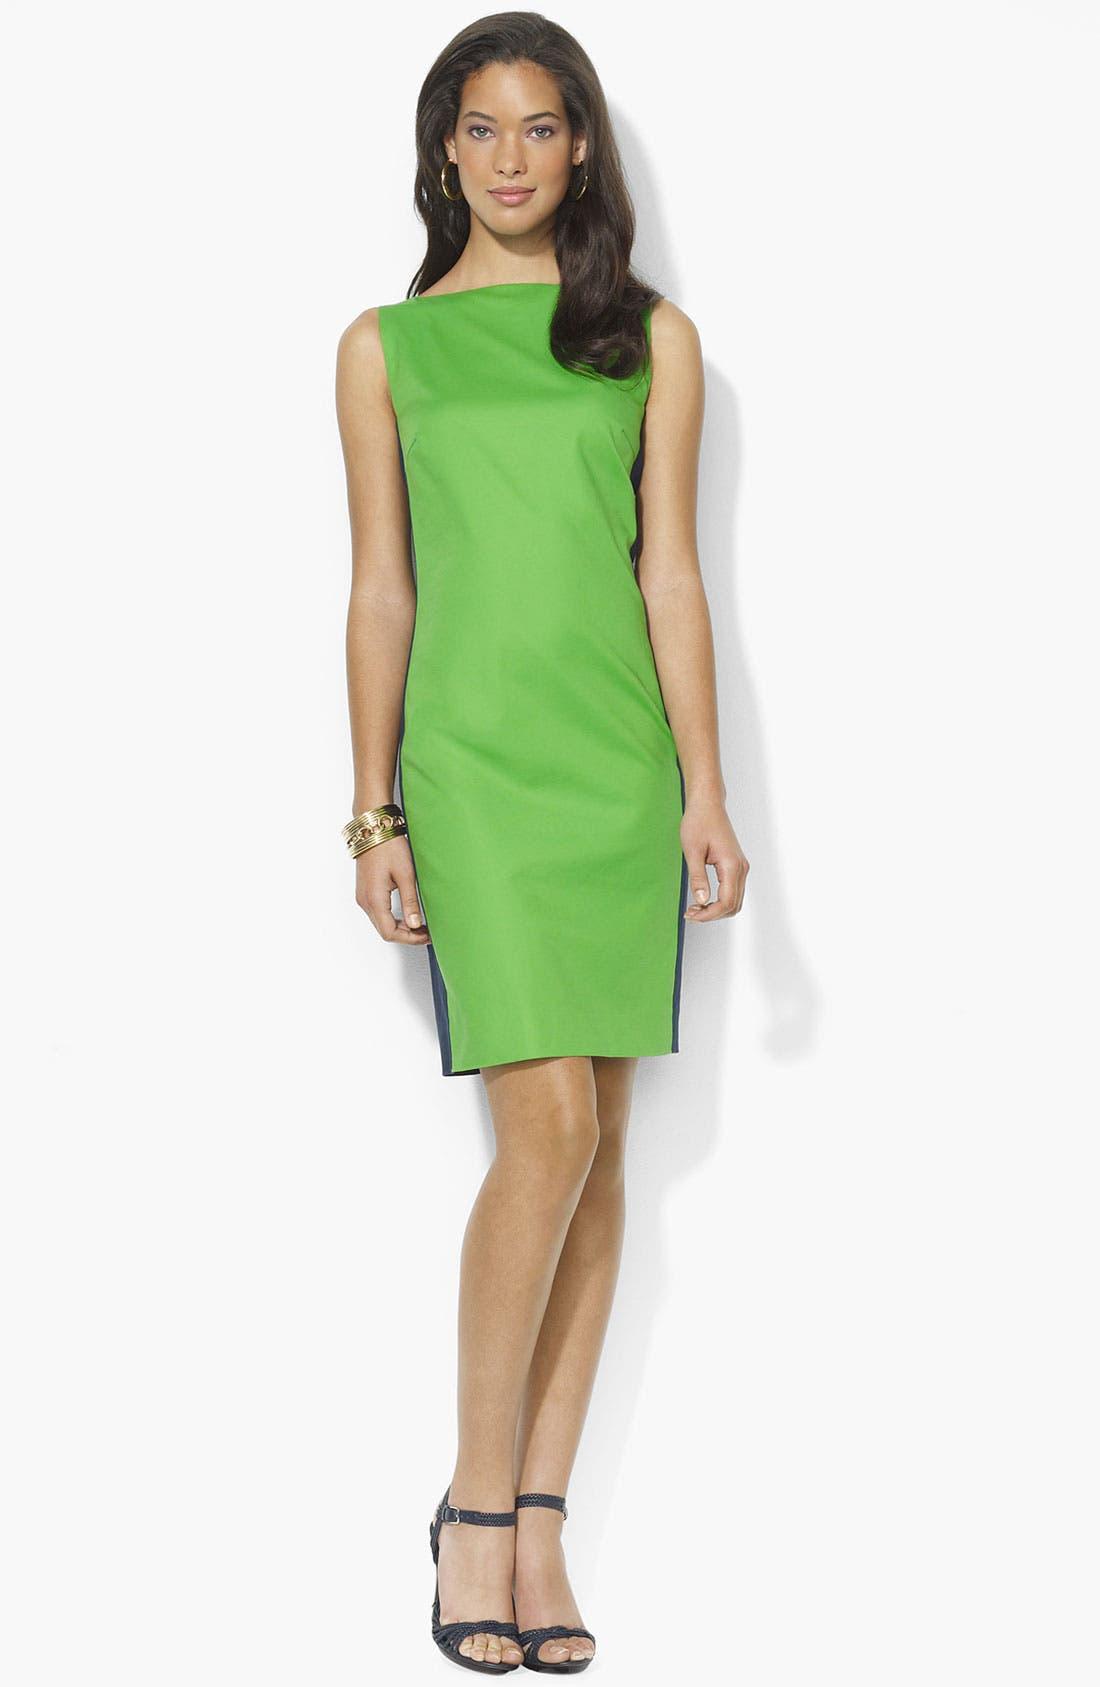 Alternate Image 1 Selected - Lauren Ralph Lauren Colorblock Shift Dress (Petite) (Online Only)